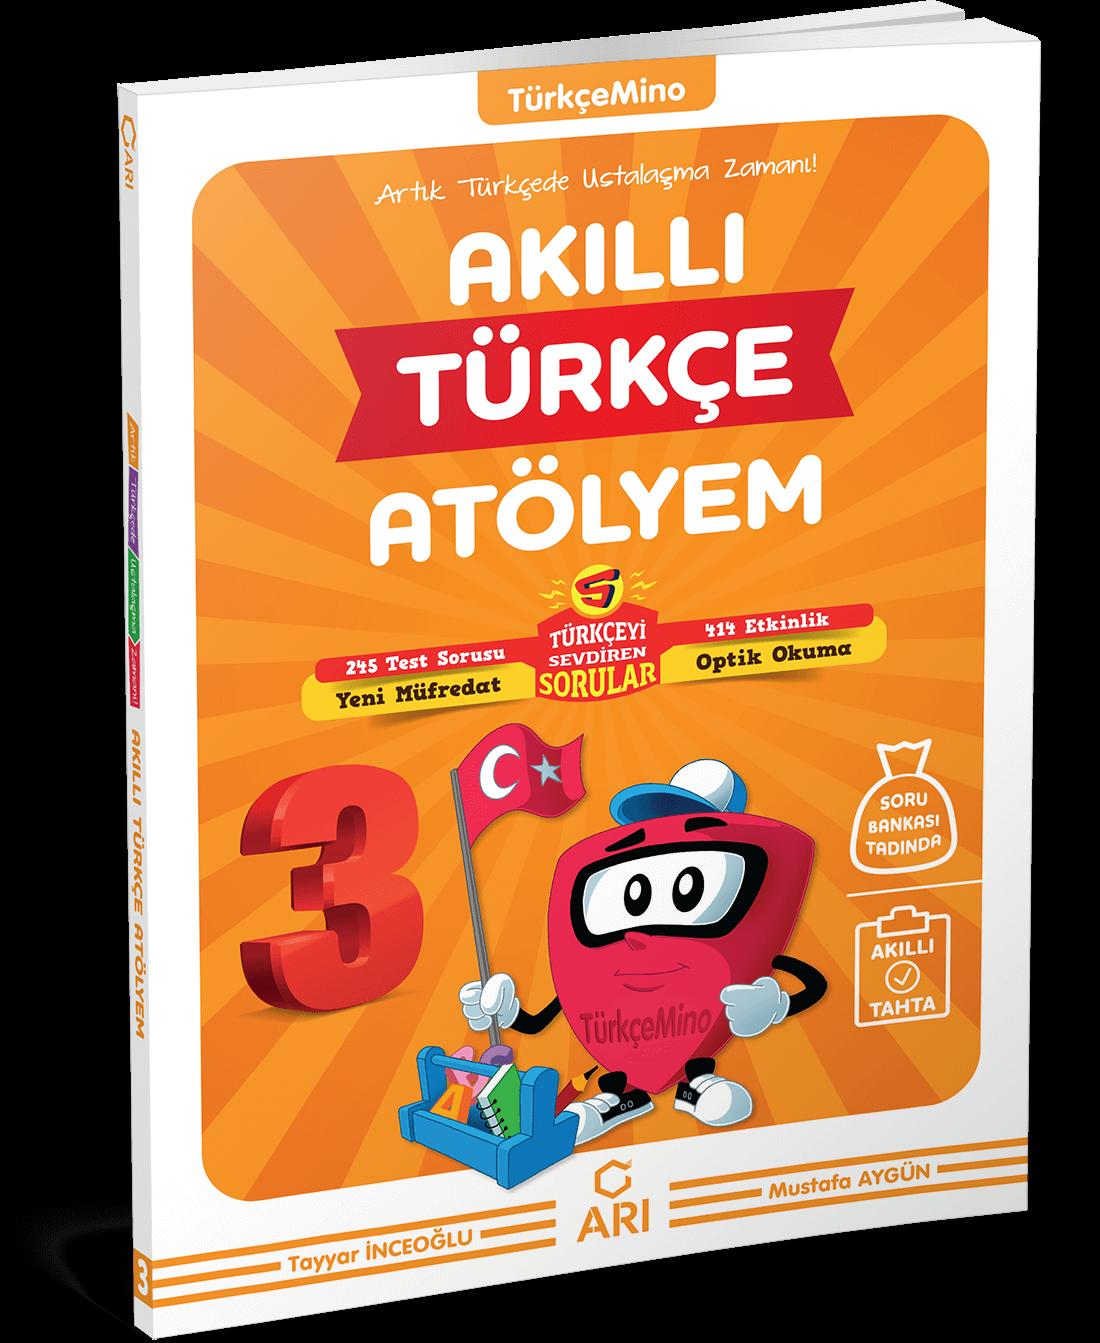 TürkçeMino Akıllı Türkçe Atölyem 3. Sınıf